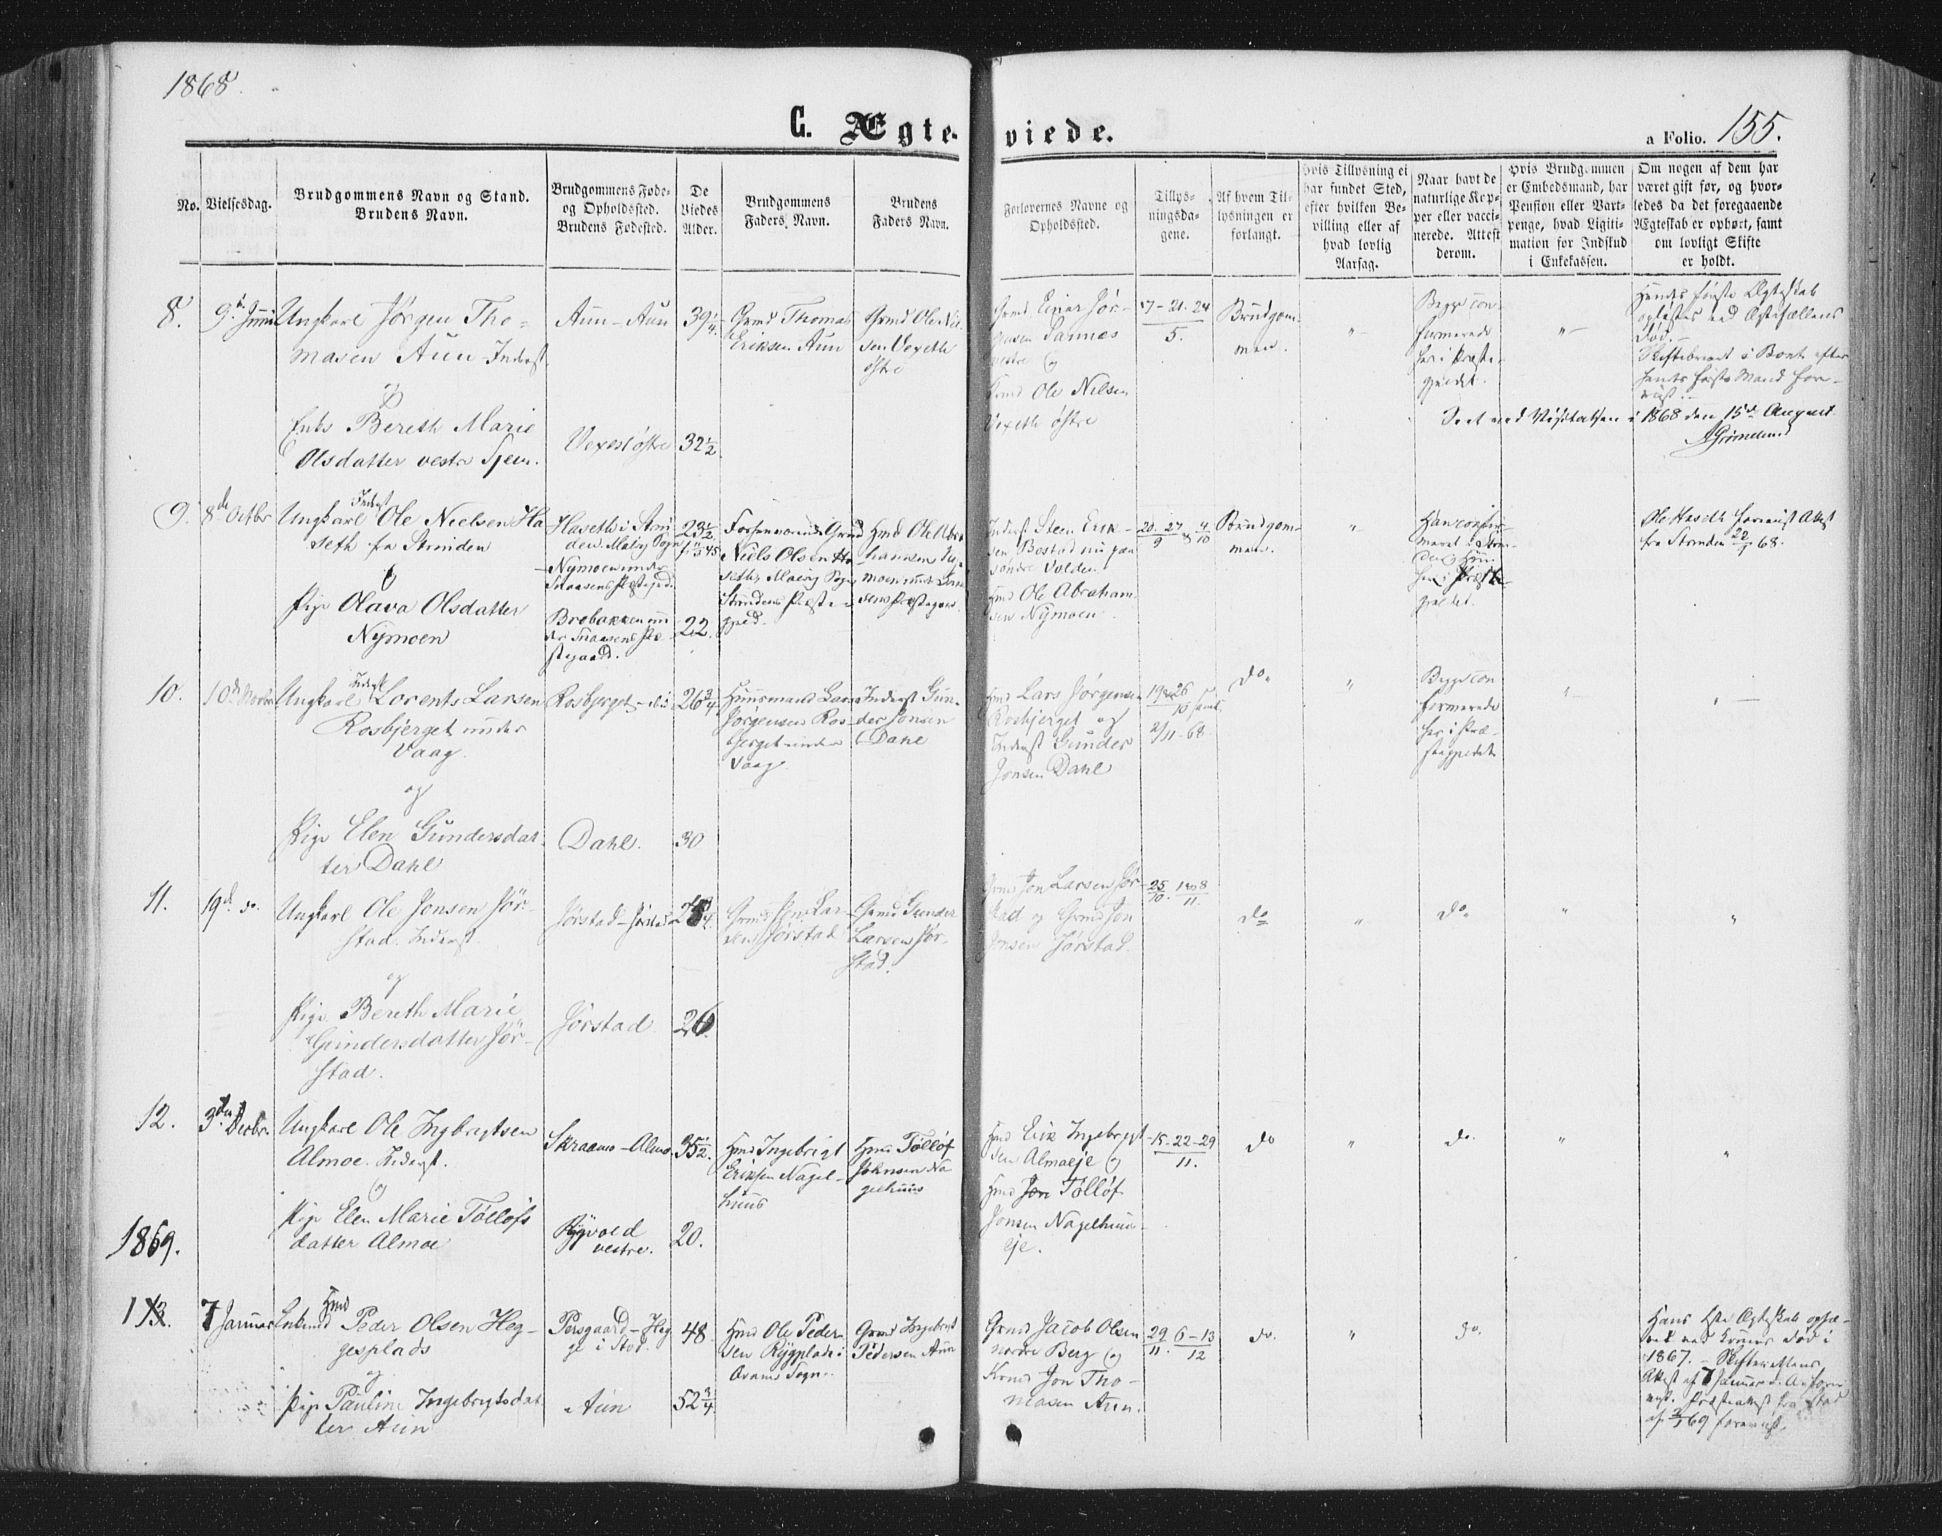 SAT, Ministerialprotokoller, klokkerbøker og fødselsregistre - Nord-Trøndelag, 749/L0472: Ministerialbok nr. 749A06, 1857-1873, s. 155